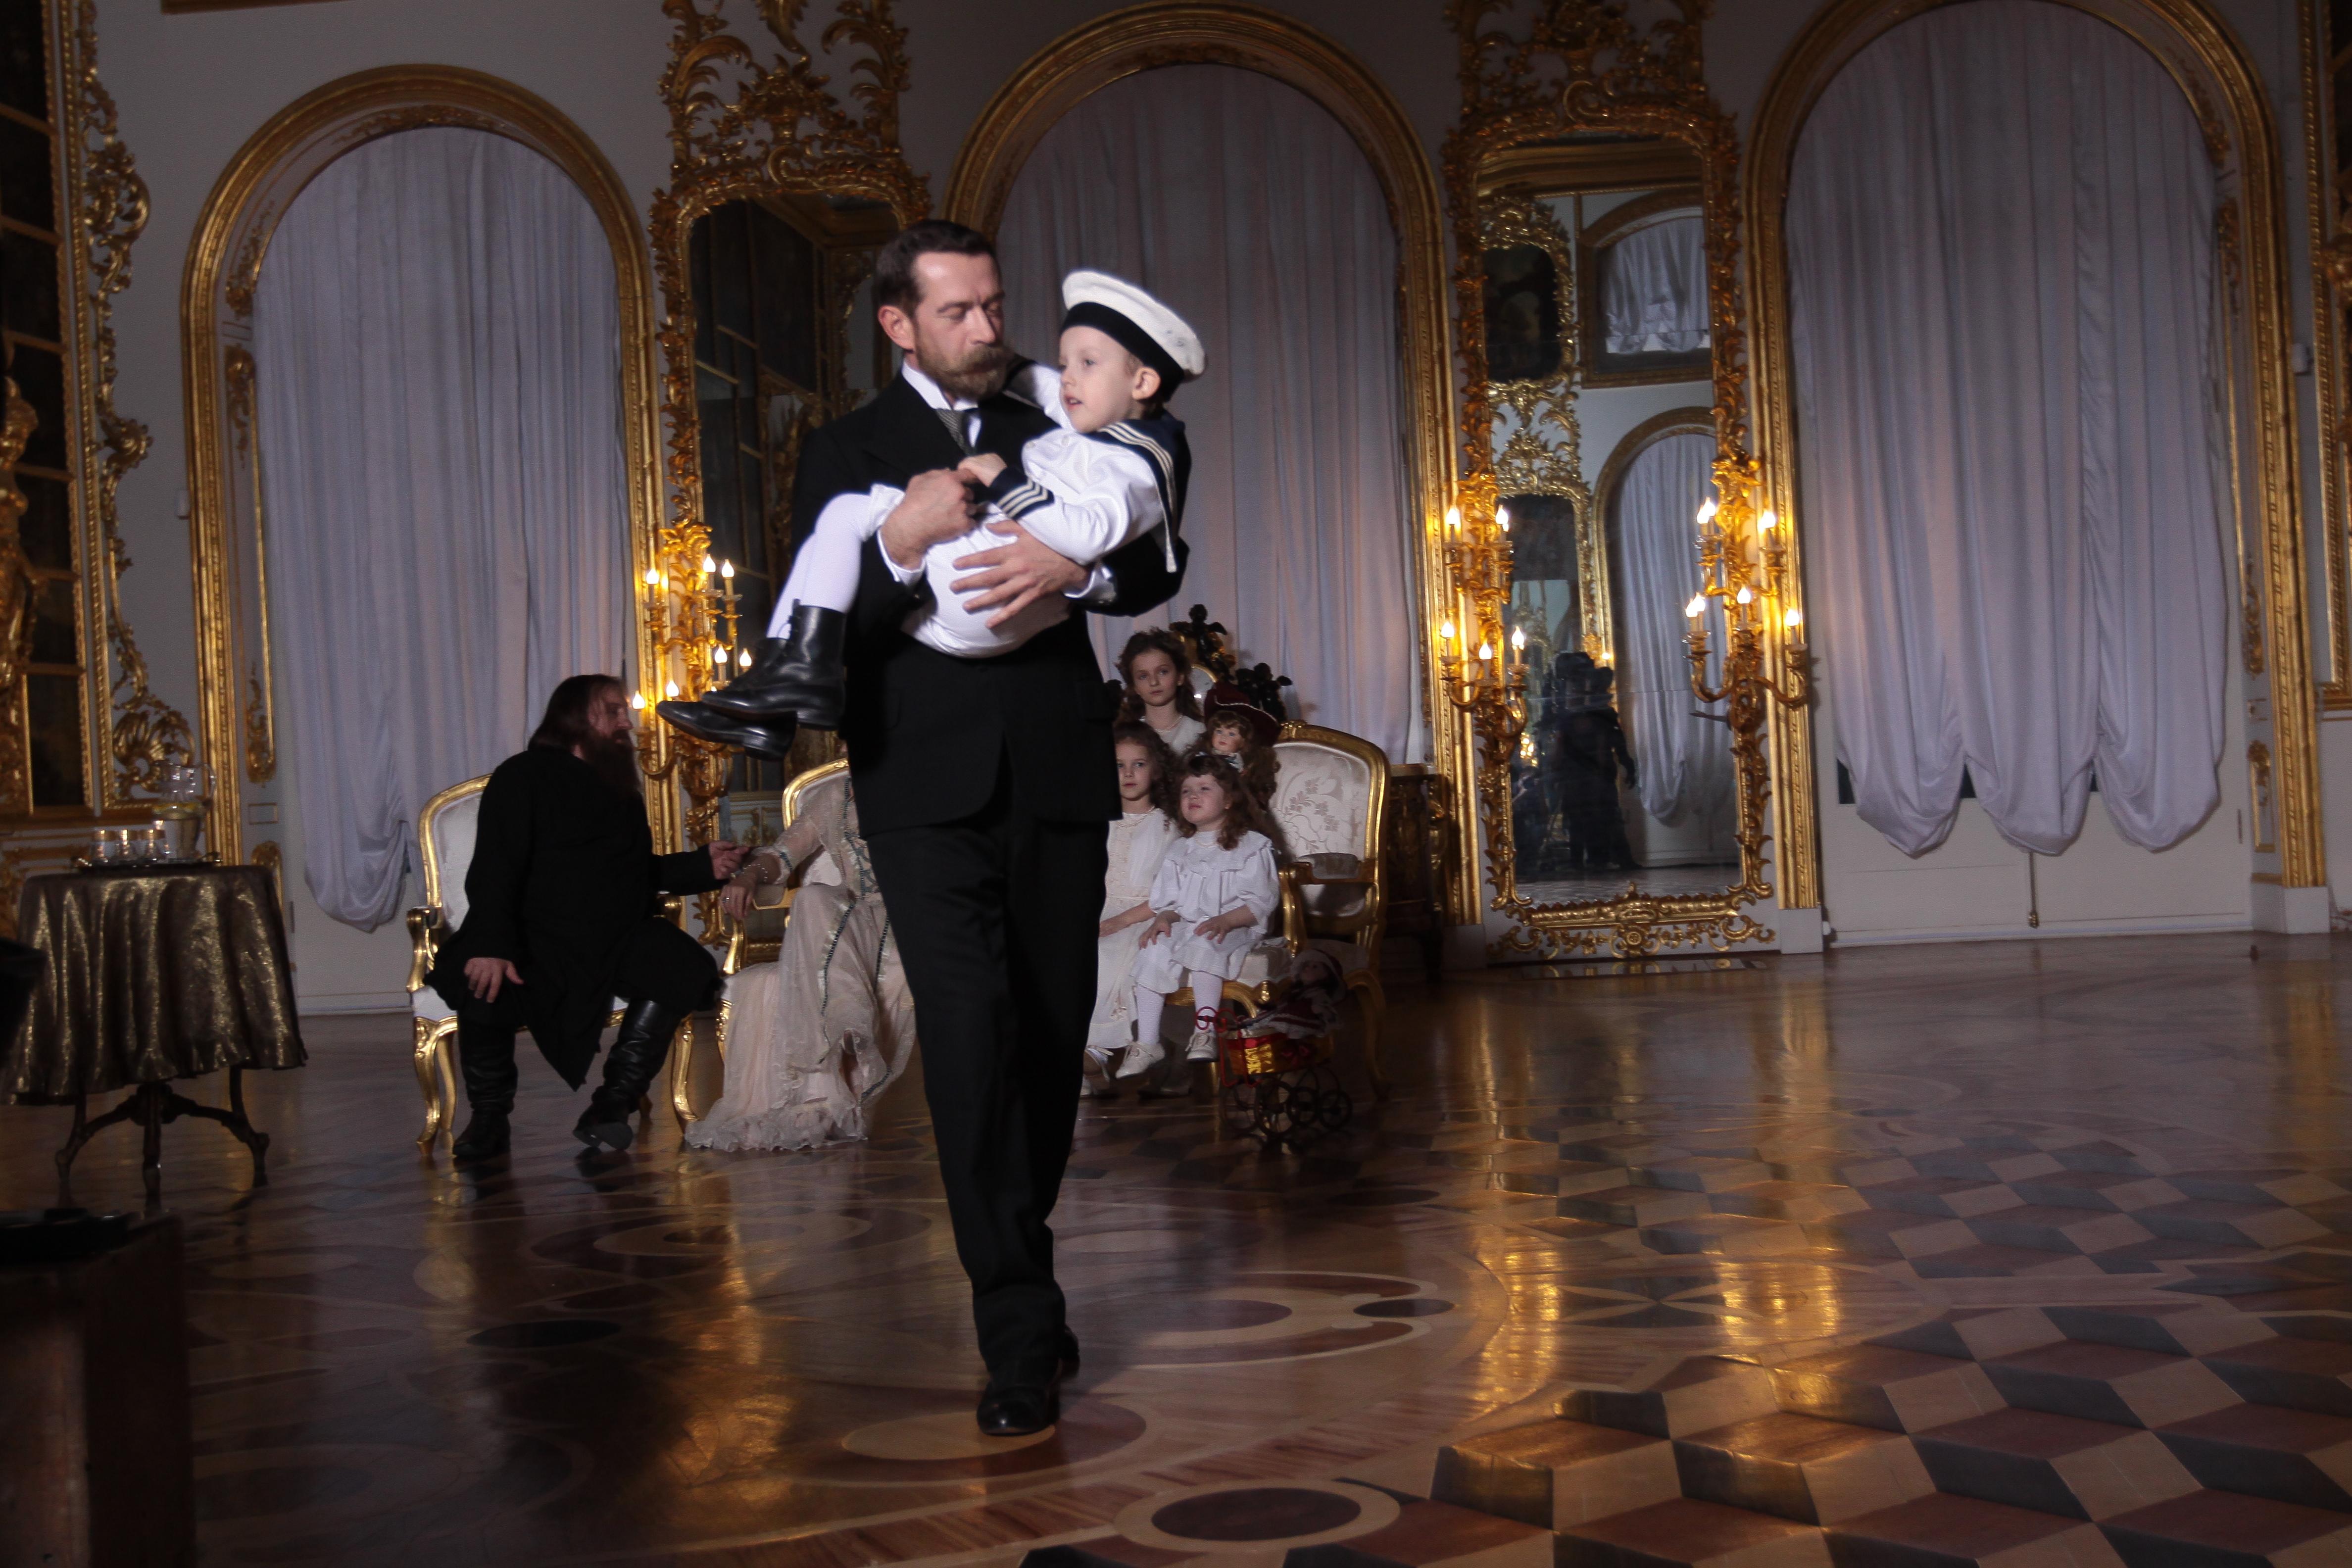 Распутин при царском дворе смотреть онлайн бесплатно 9 фотография